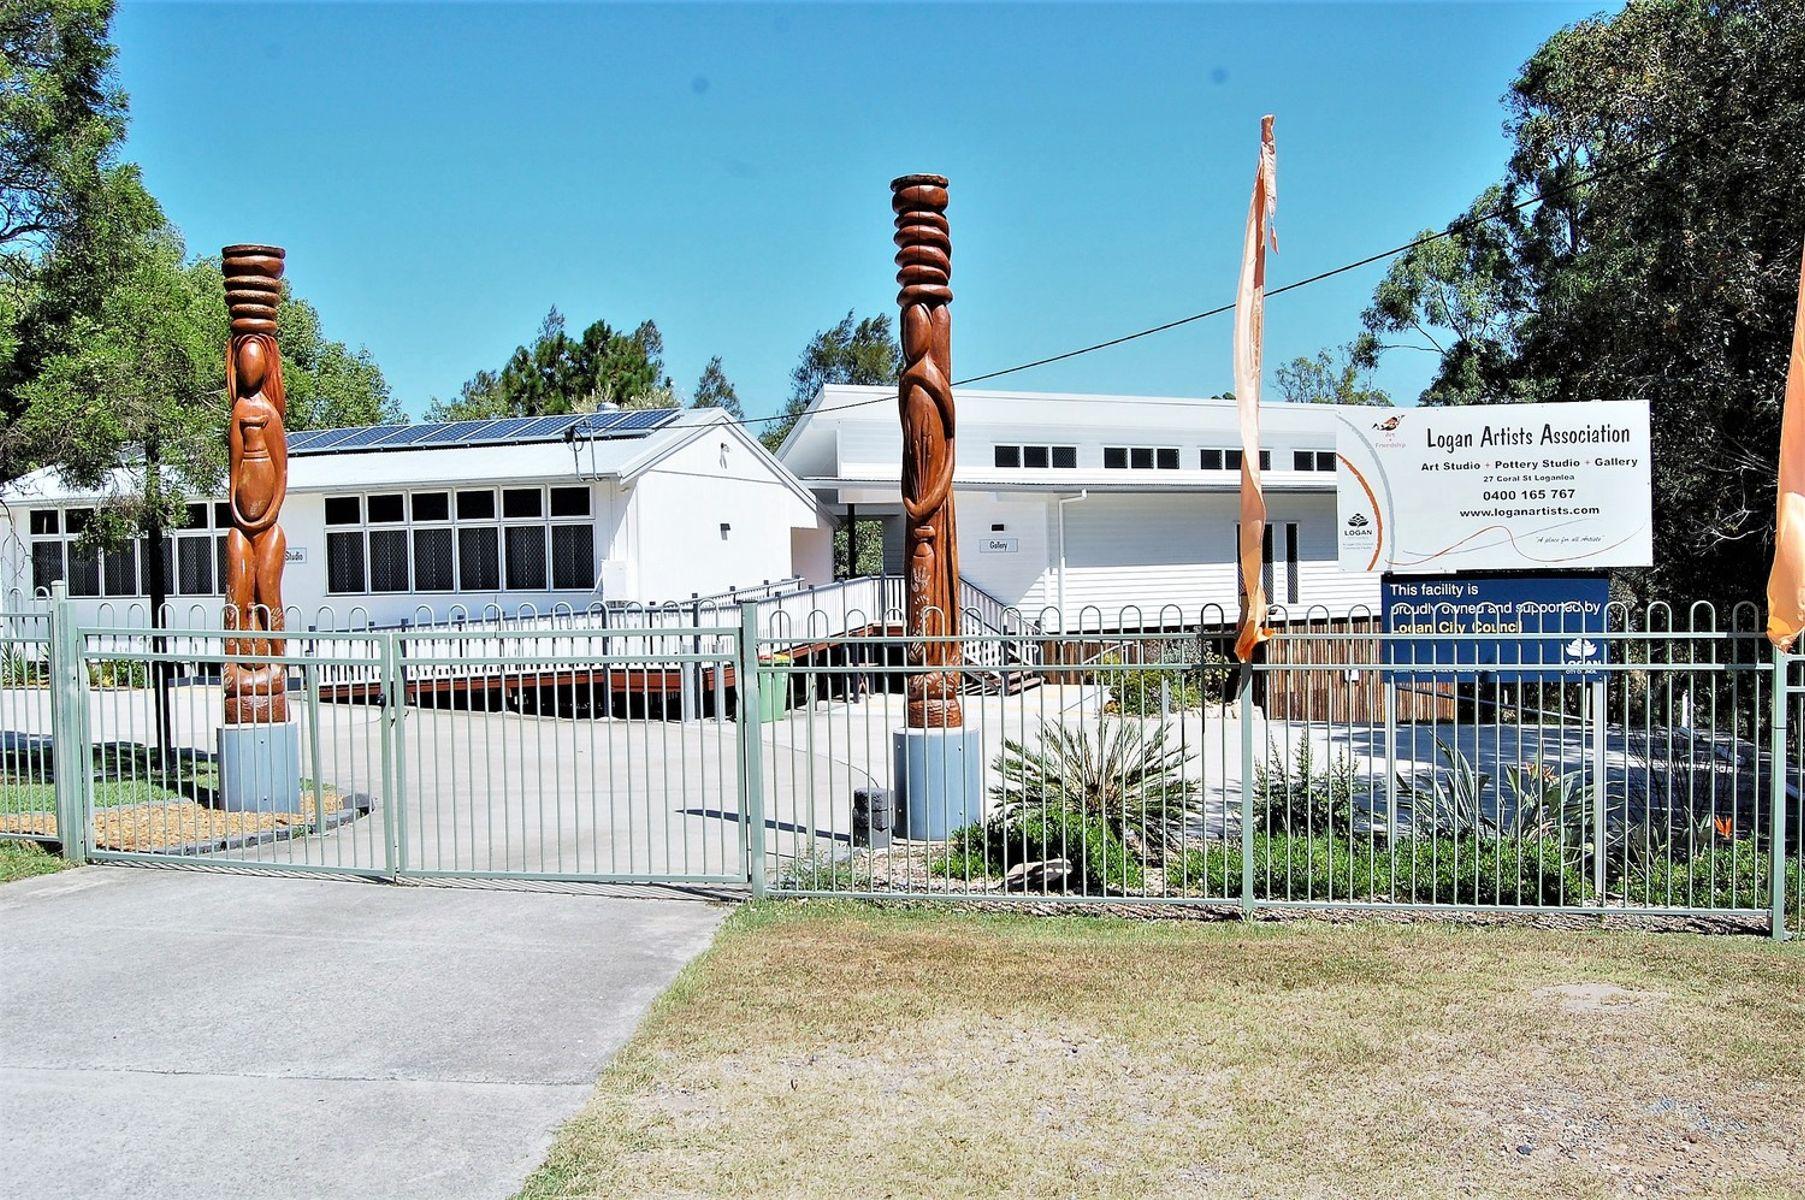 Lot 4, 5 & 6/19-21 Spruce Street, Loganlea, QLD 4131